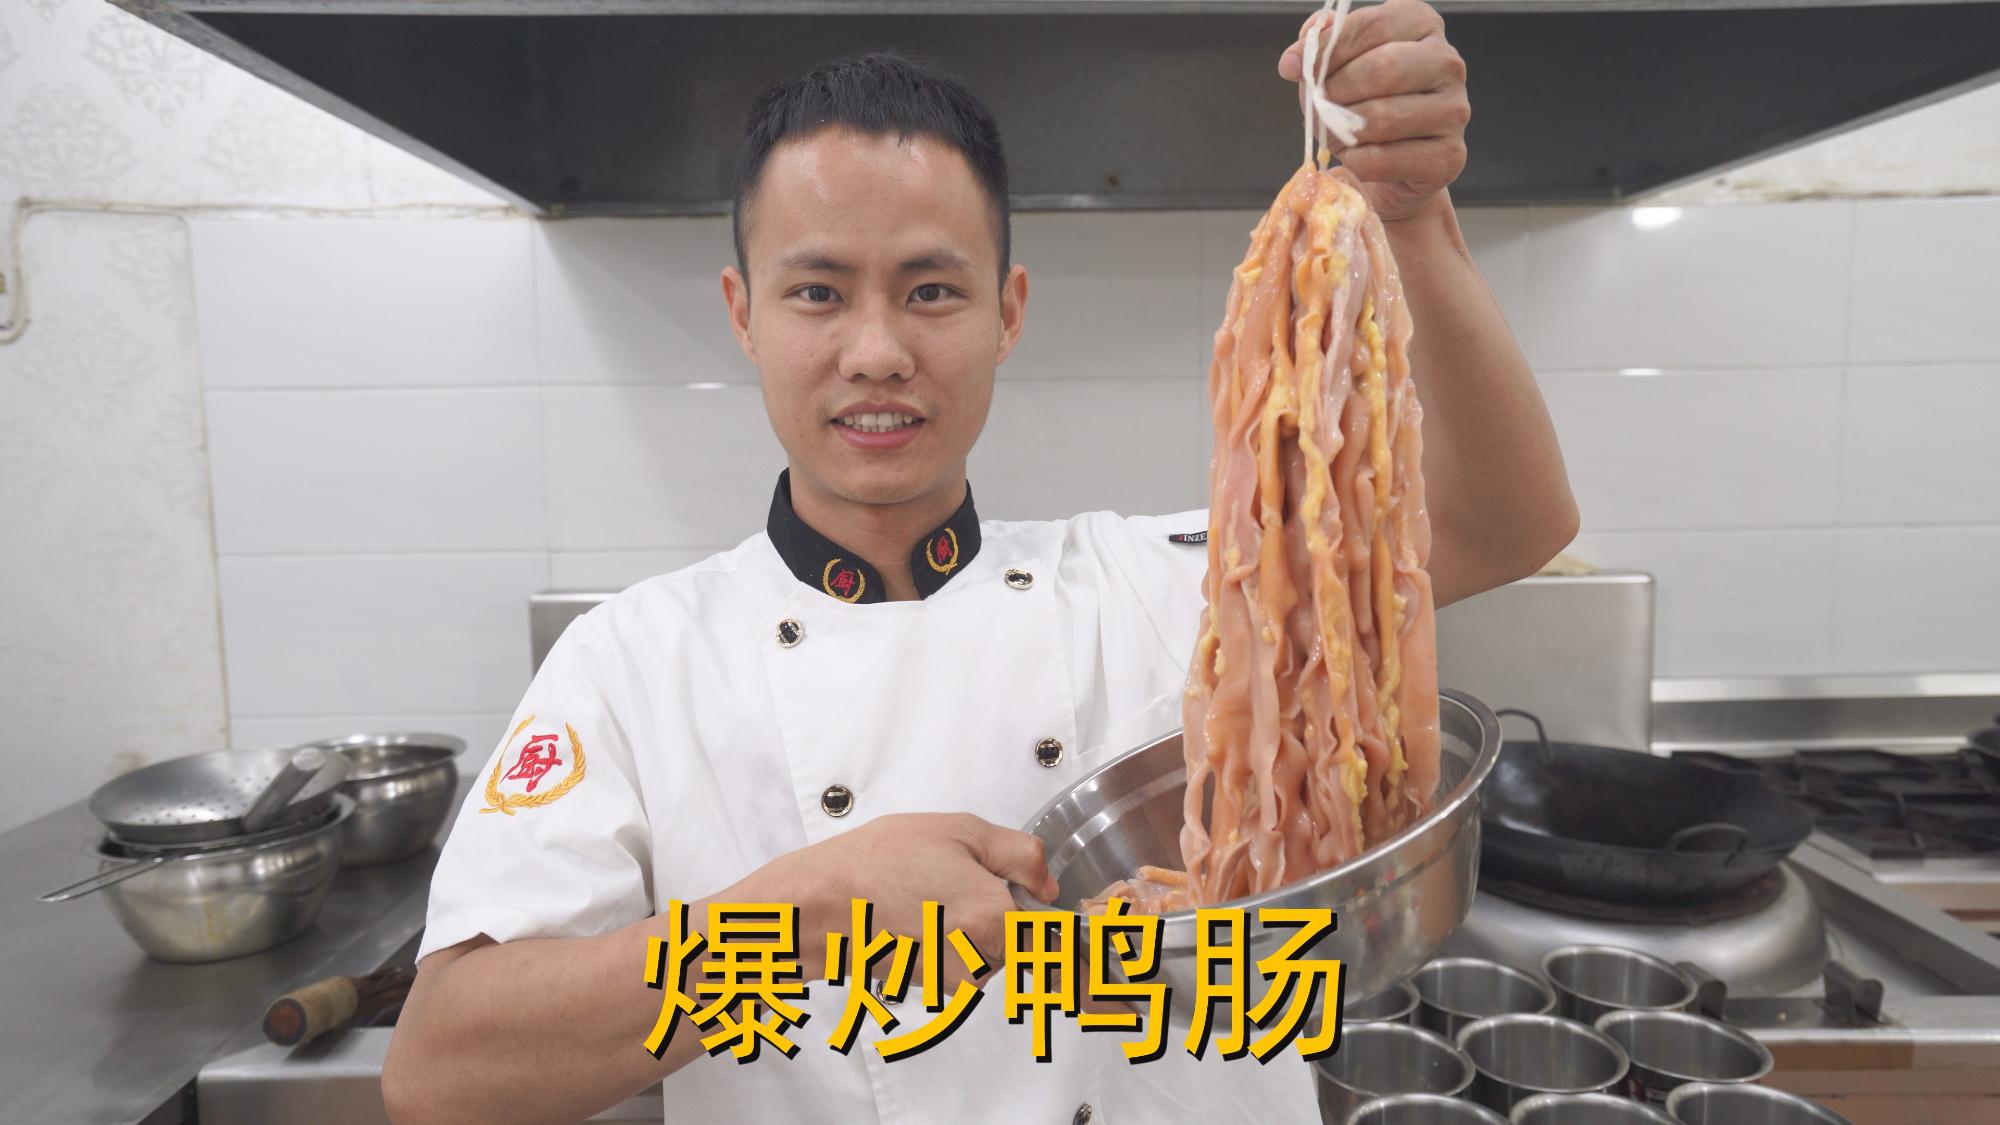 """厨师长教你:""""爆炒鸭肠""""的家常做法,味道鲜辣美味,先收藏起来"""